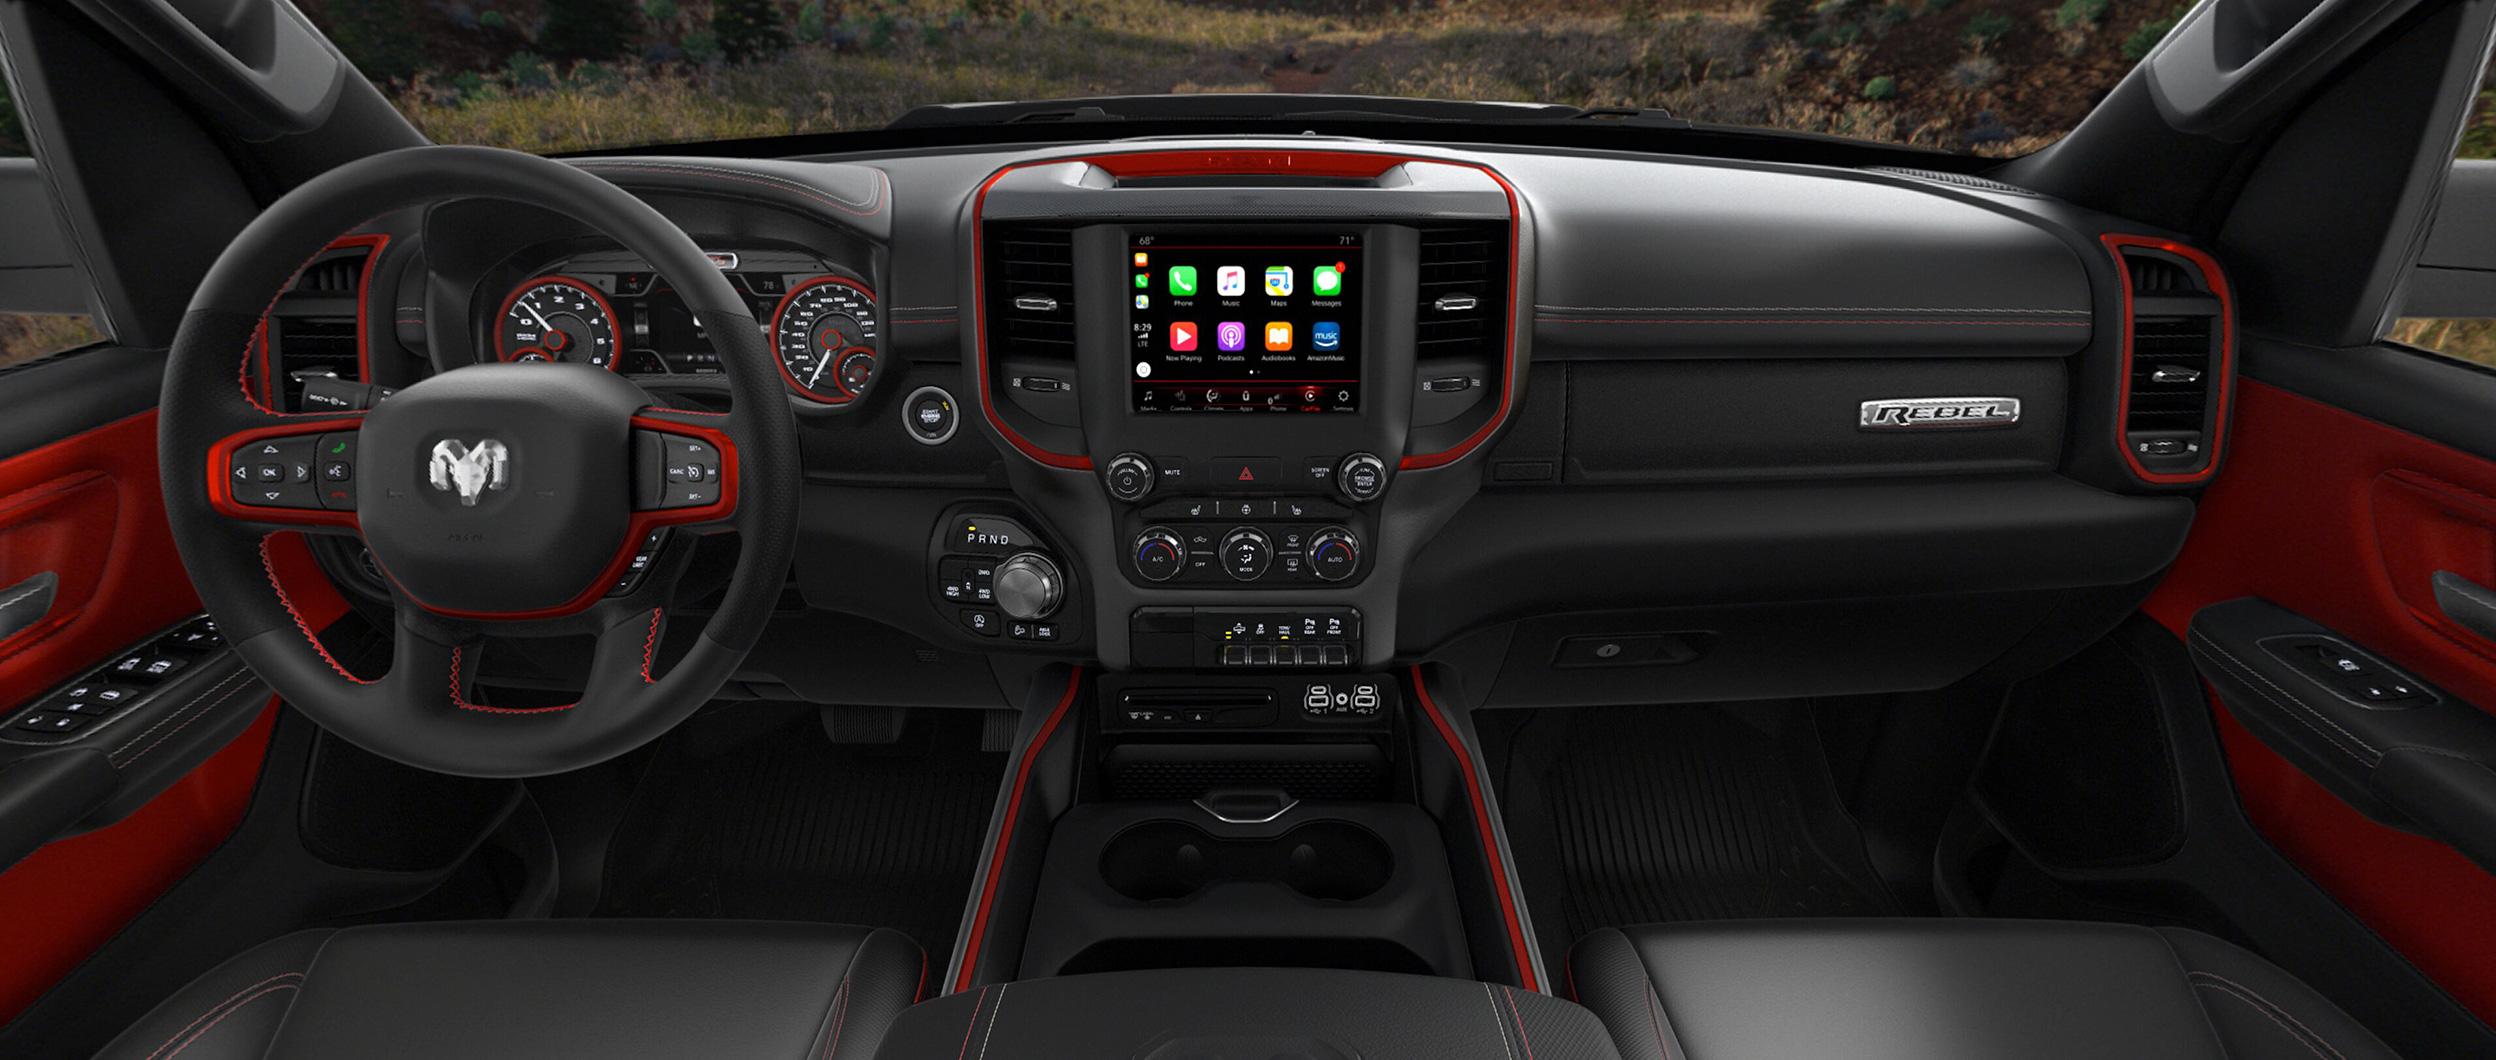 2020 Ram Rebel Langley BC Willowbrook Chrysler